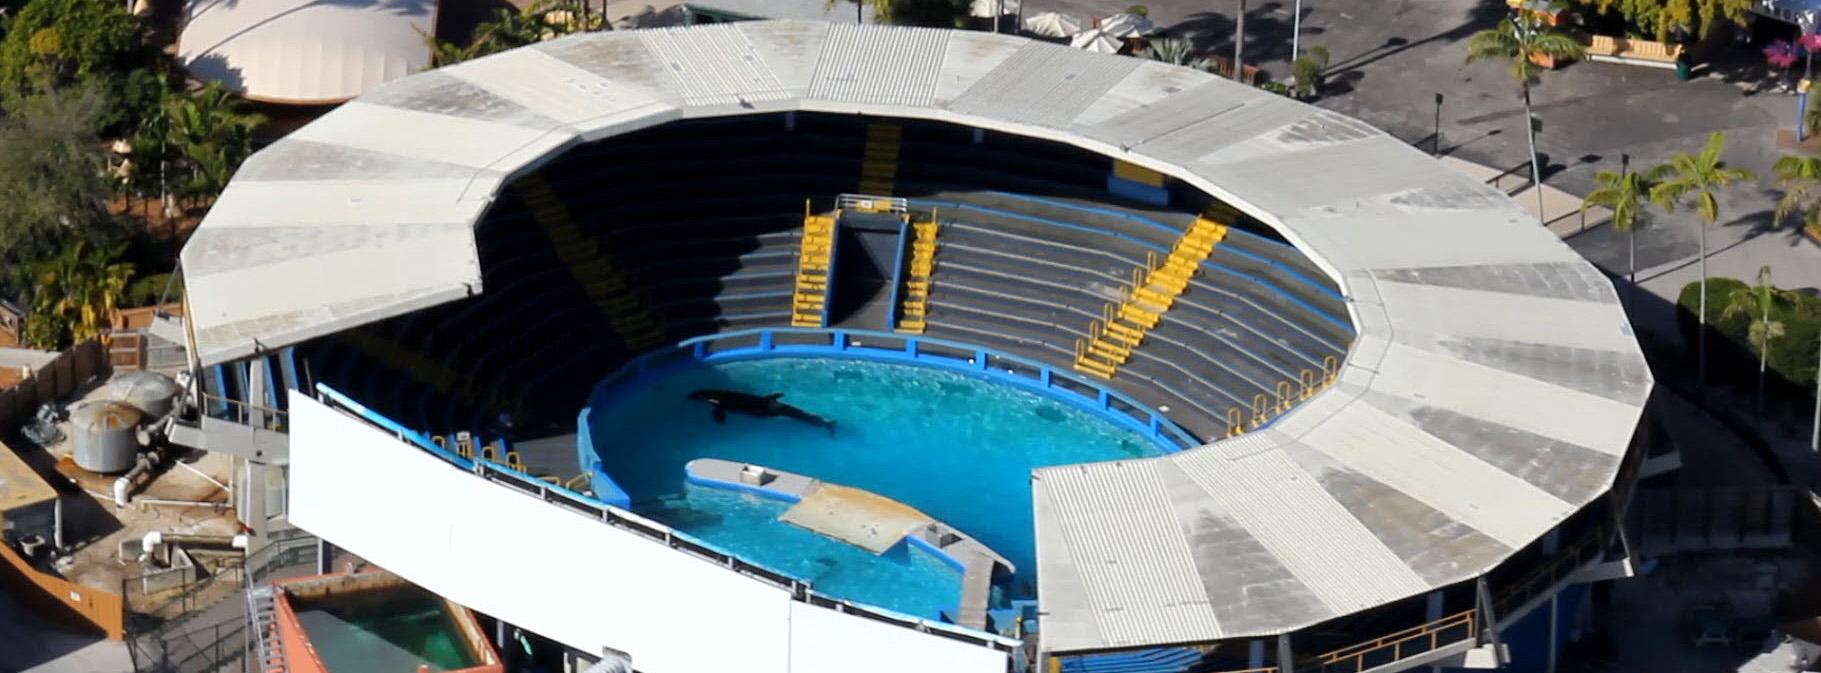 Lolita Tank Miami Seaquarium